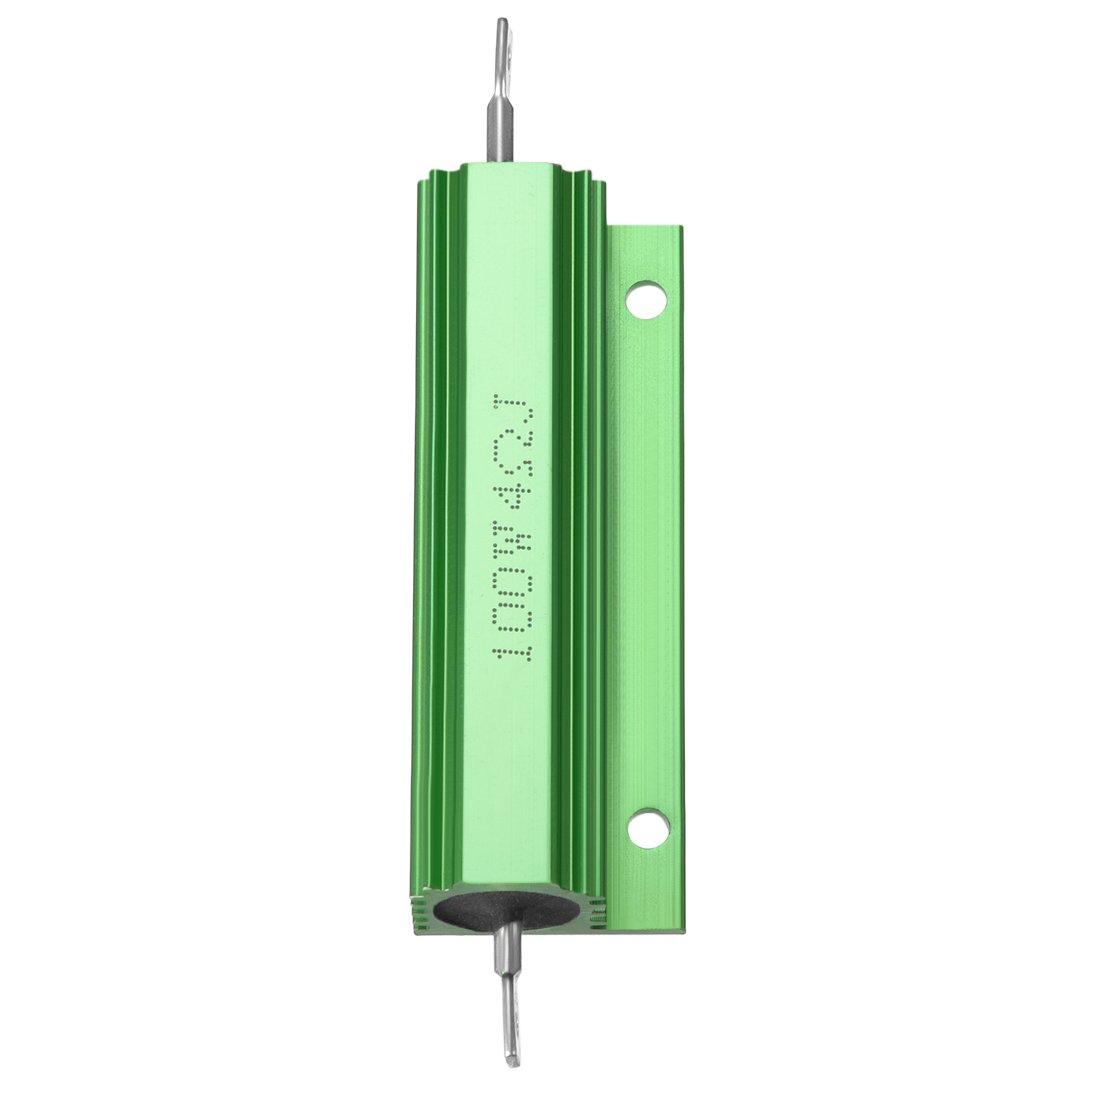 /2/pezzi di alluminio resistore 100/W 4/Ohm a filo verde per LED di ricambio converter 100/W 4RJ Sourcingmap/